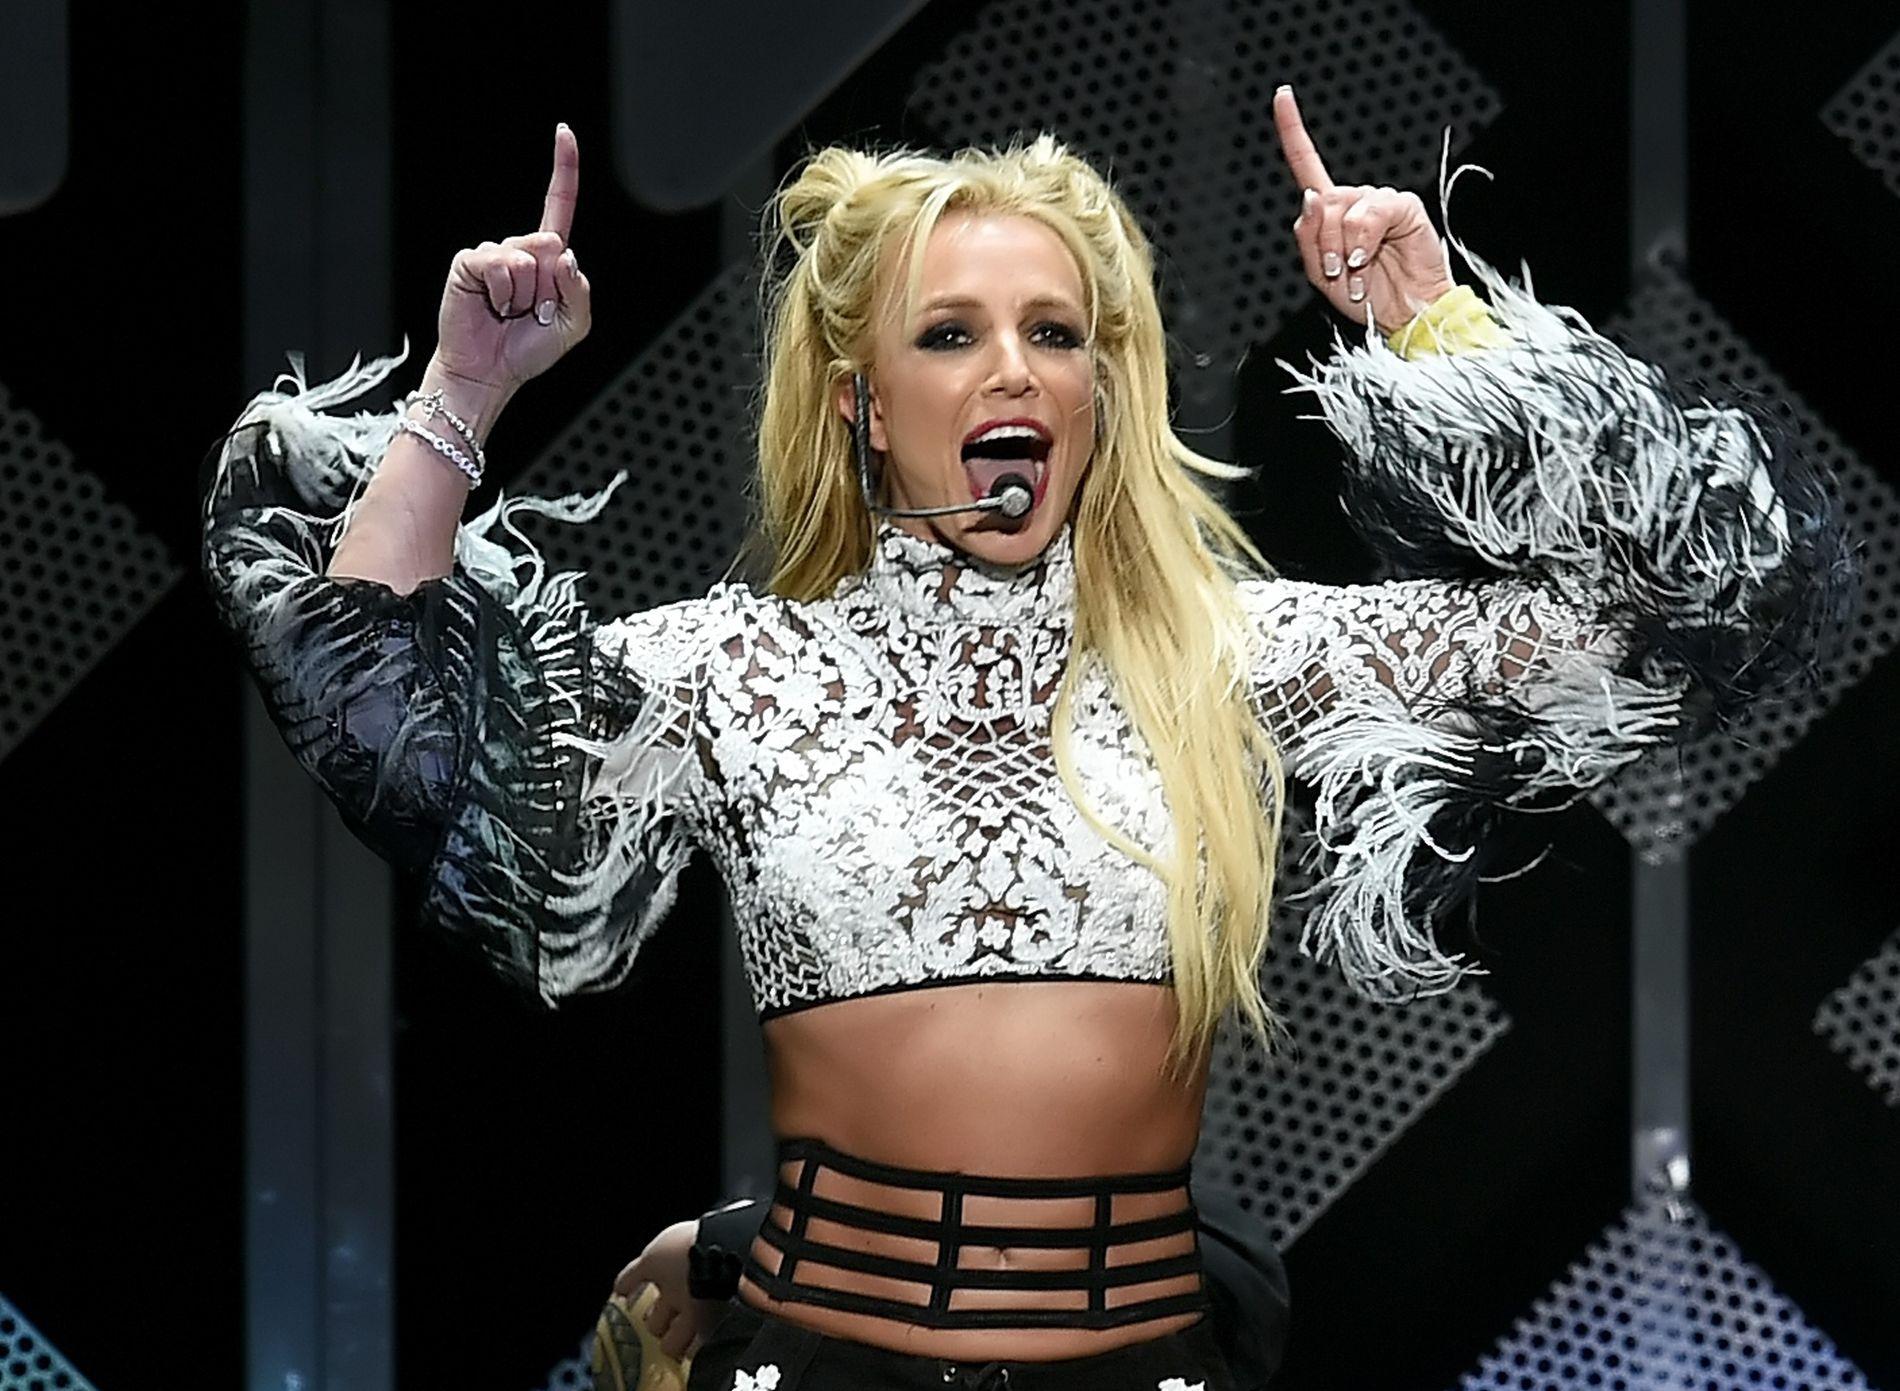 14 ÅR SIDEN: Ikke siden 2004 har Britney Spears stått på en norsk scene. Til Oslo kommer hun med Las Vegas-showet «Britney: Piece of Me».